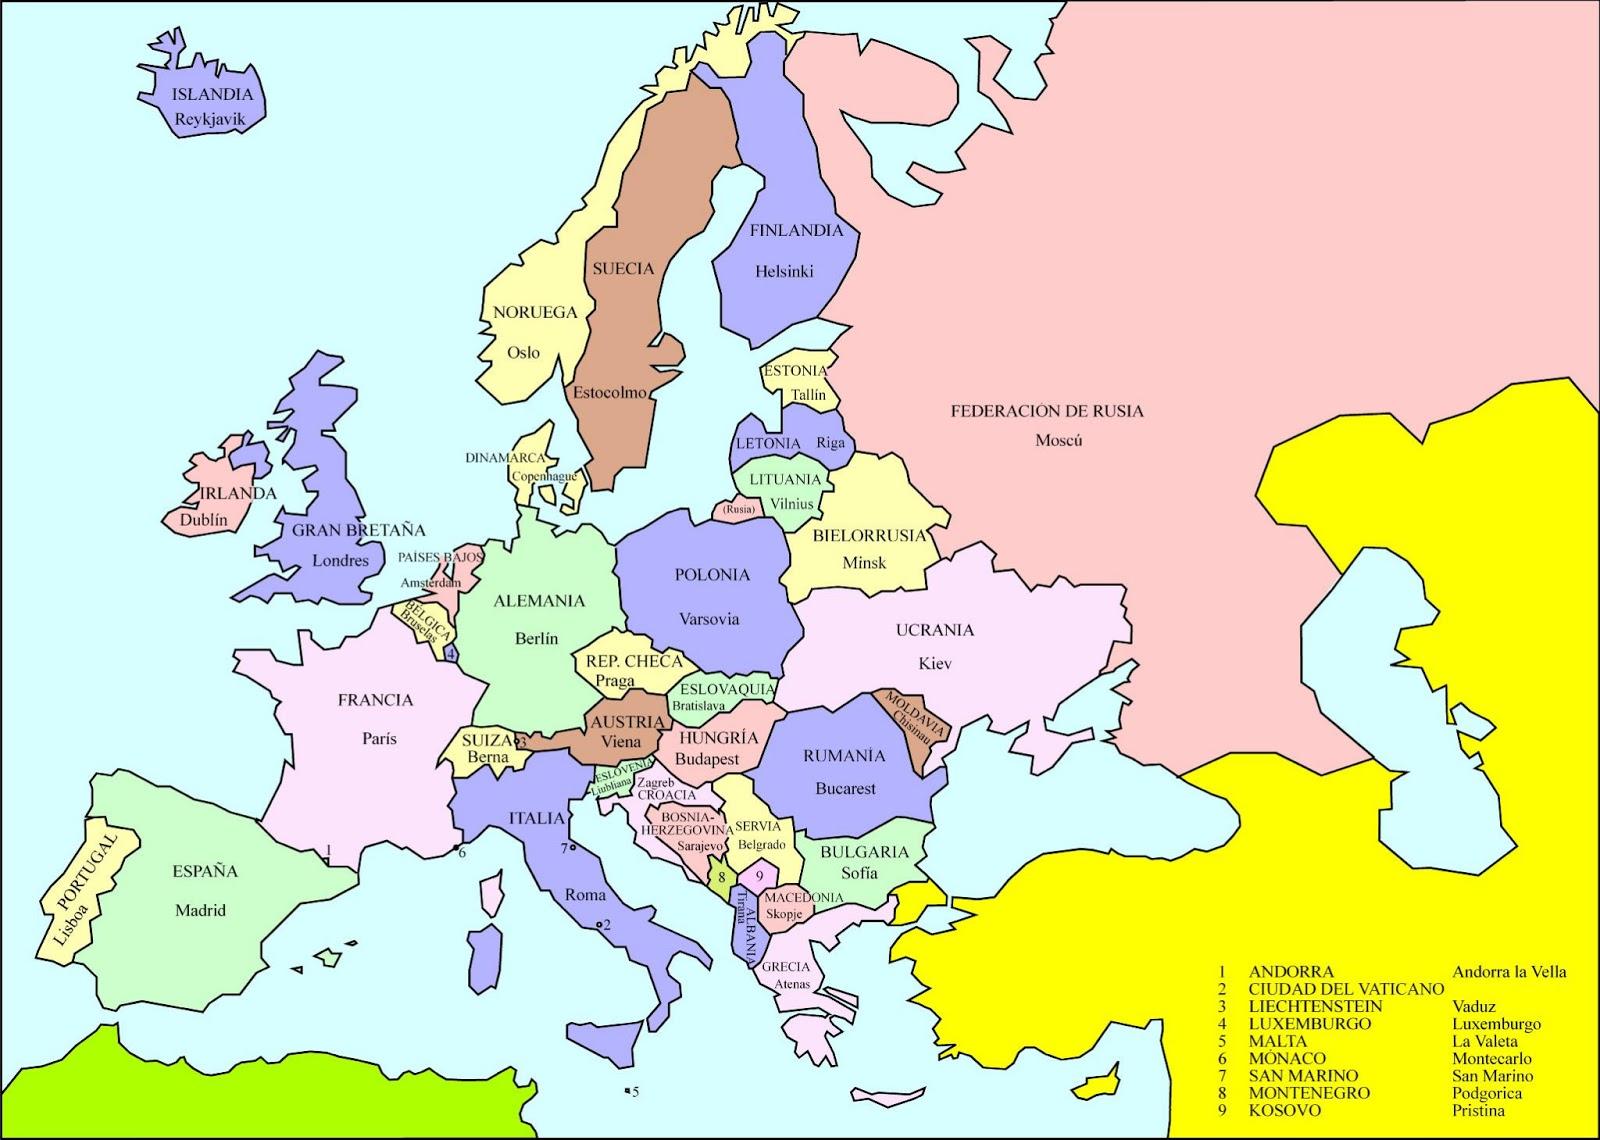 1600 x 1140 jpeg 258kBEuropa